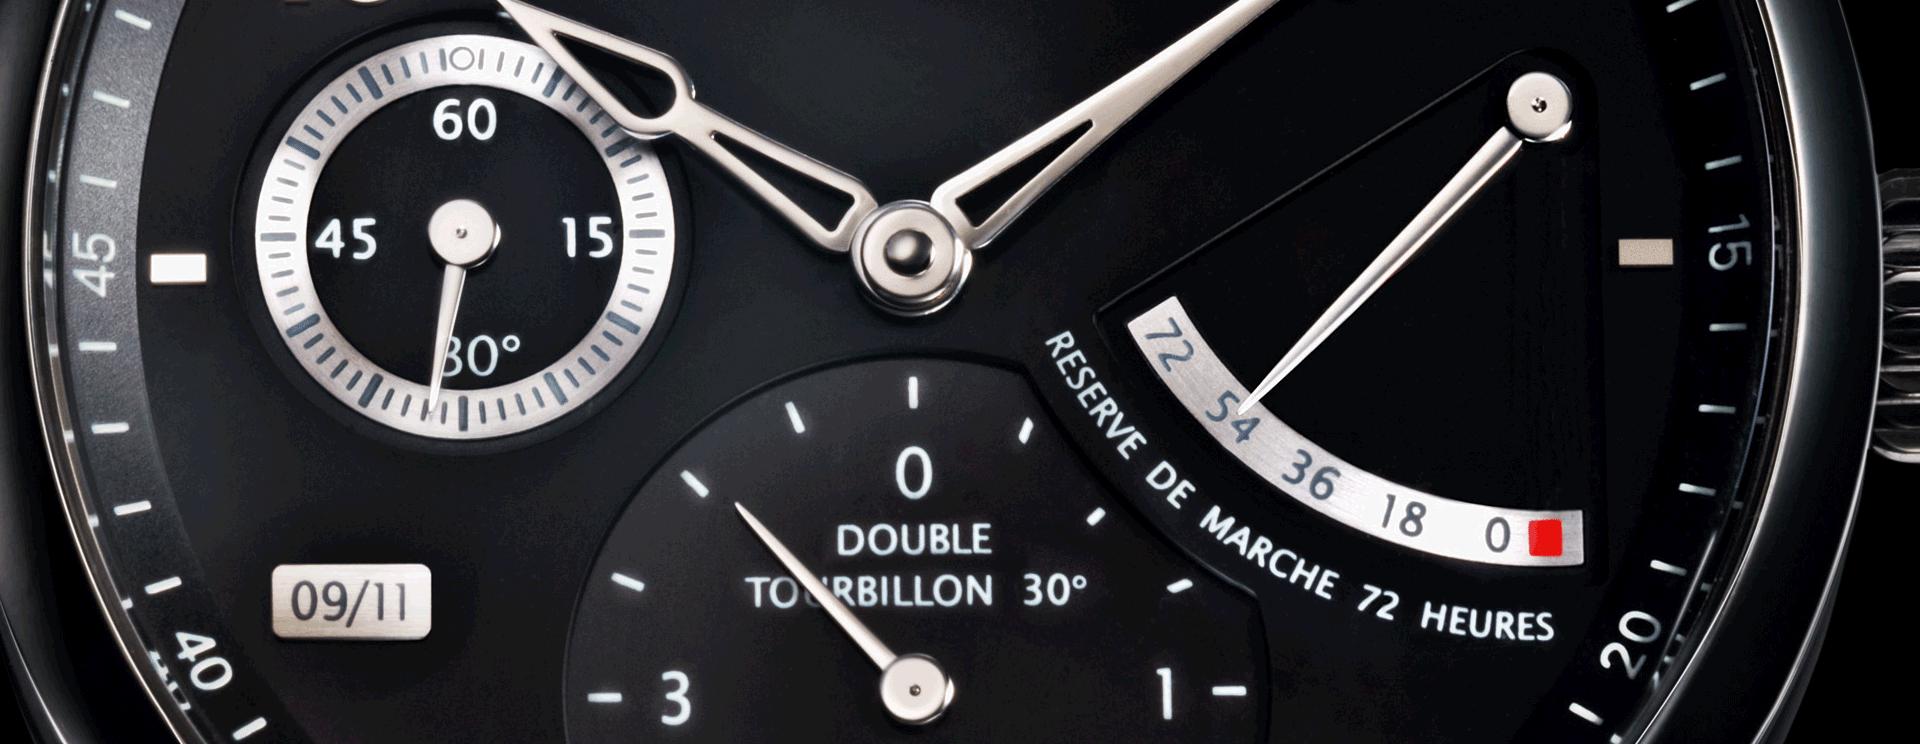 UNIQUE DOUBLE TOURBILLON 30º  SECRET